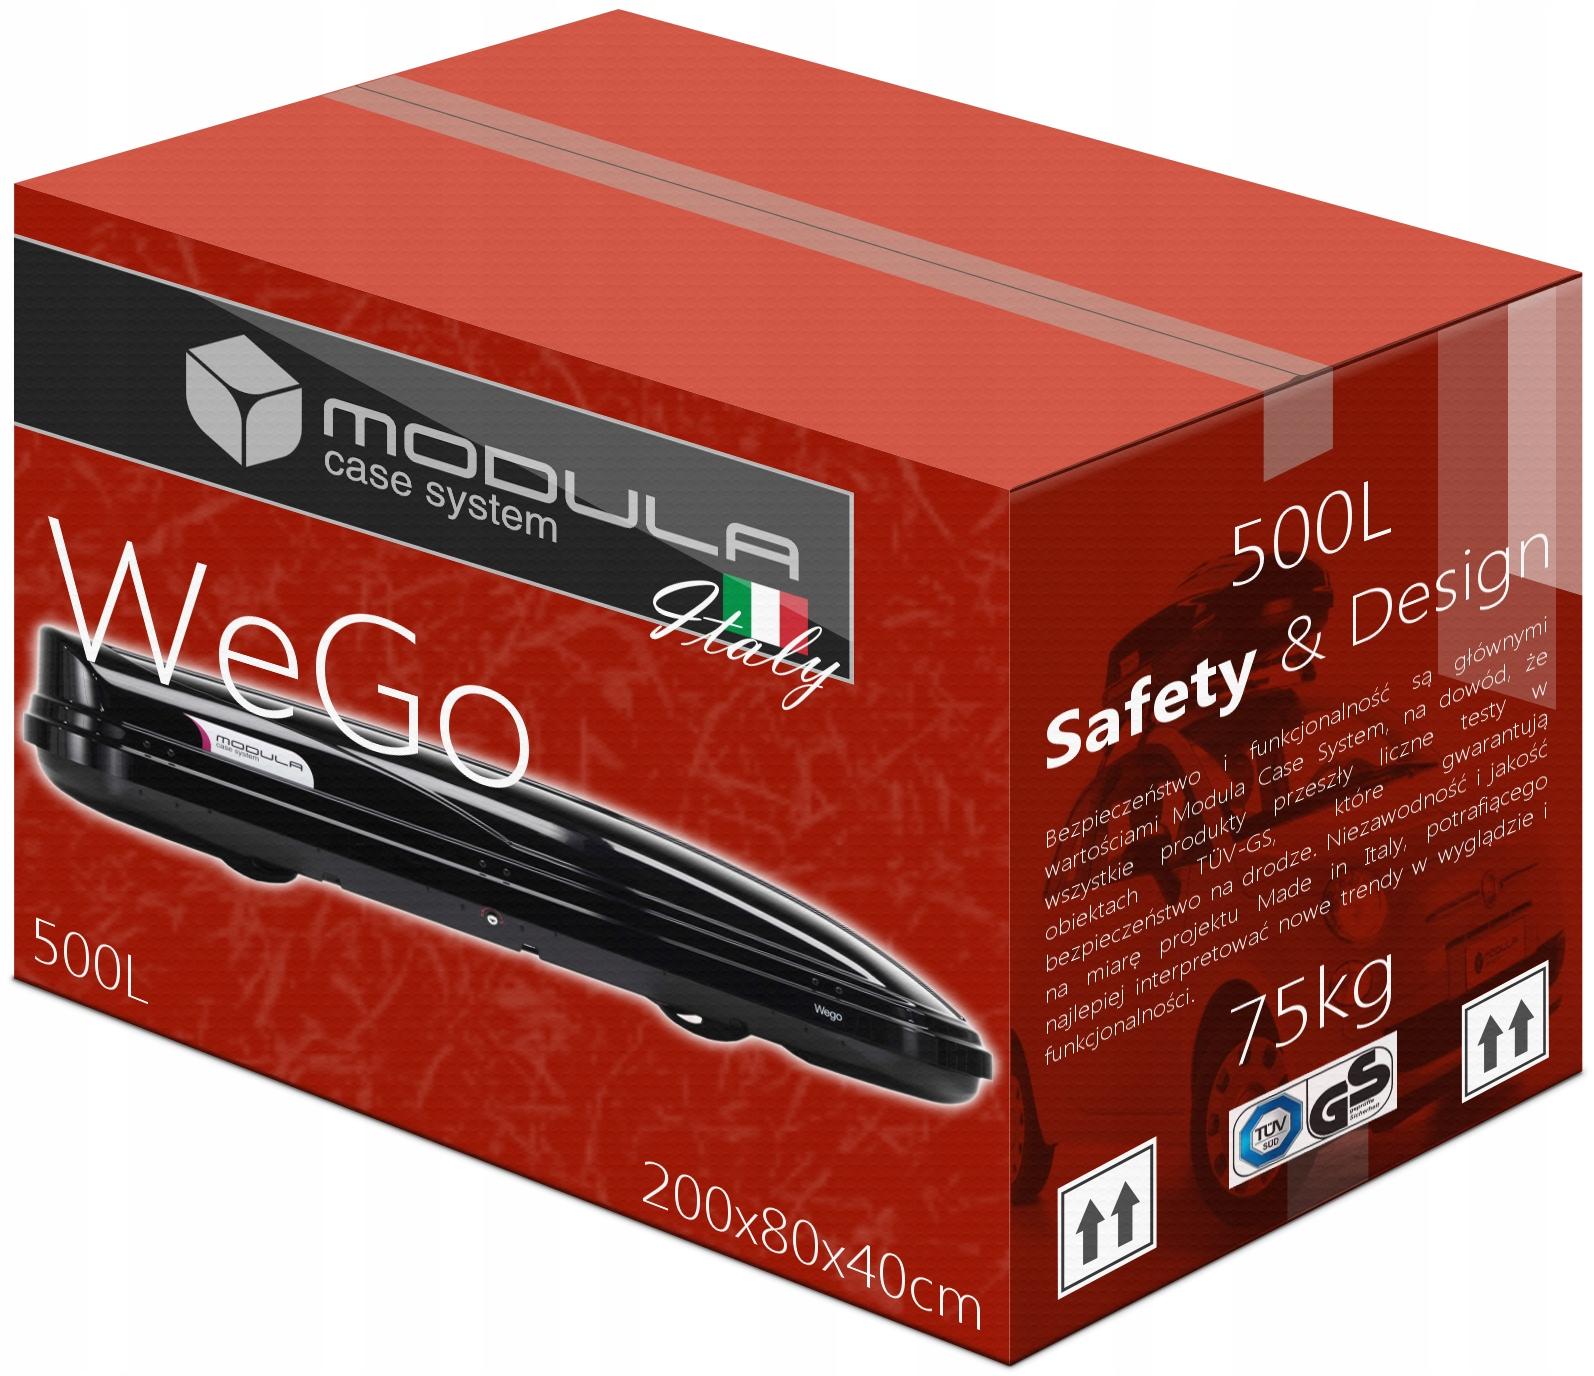 Коробка для крыши BOX MODULA WeGo 500L 200x80x40см